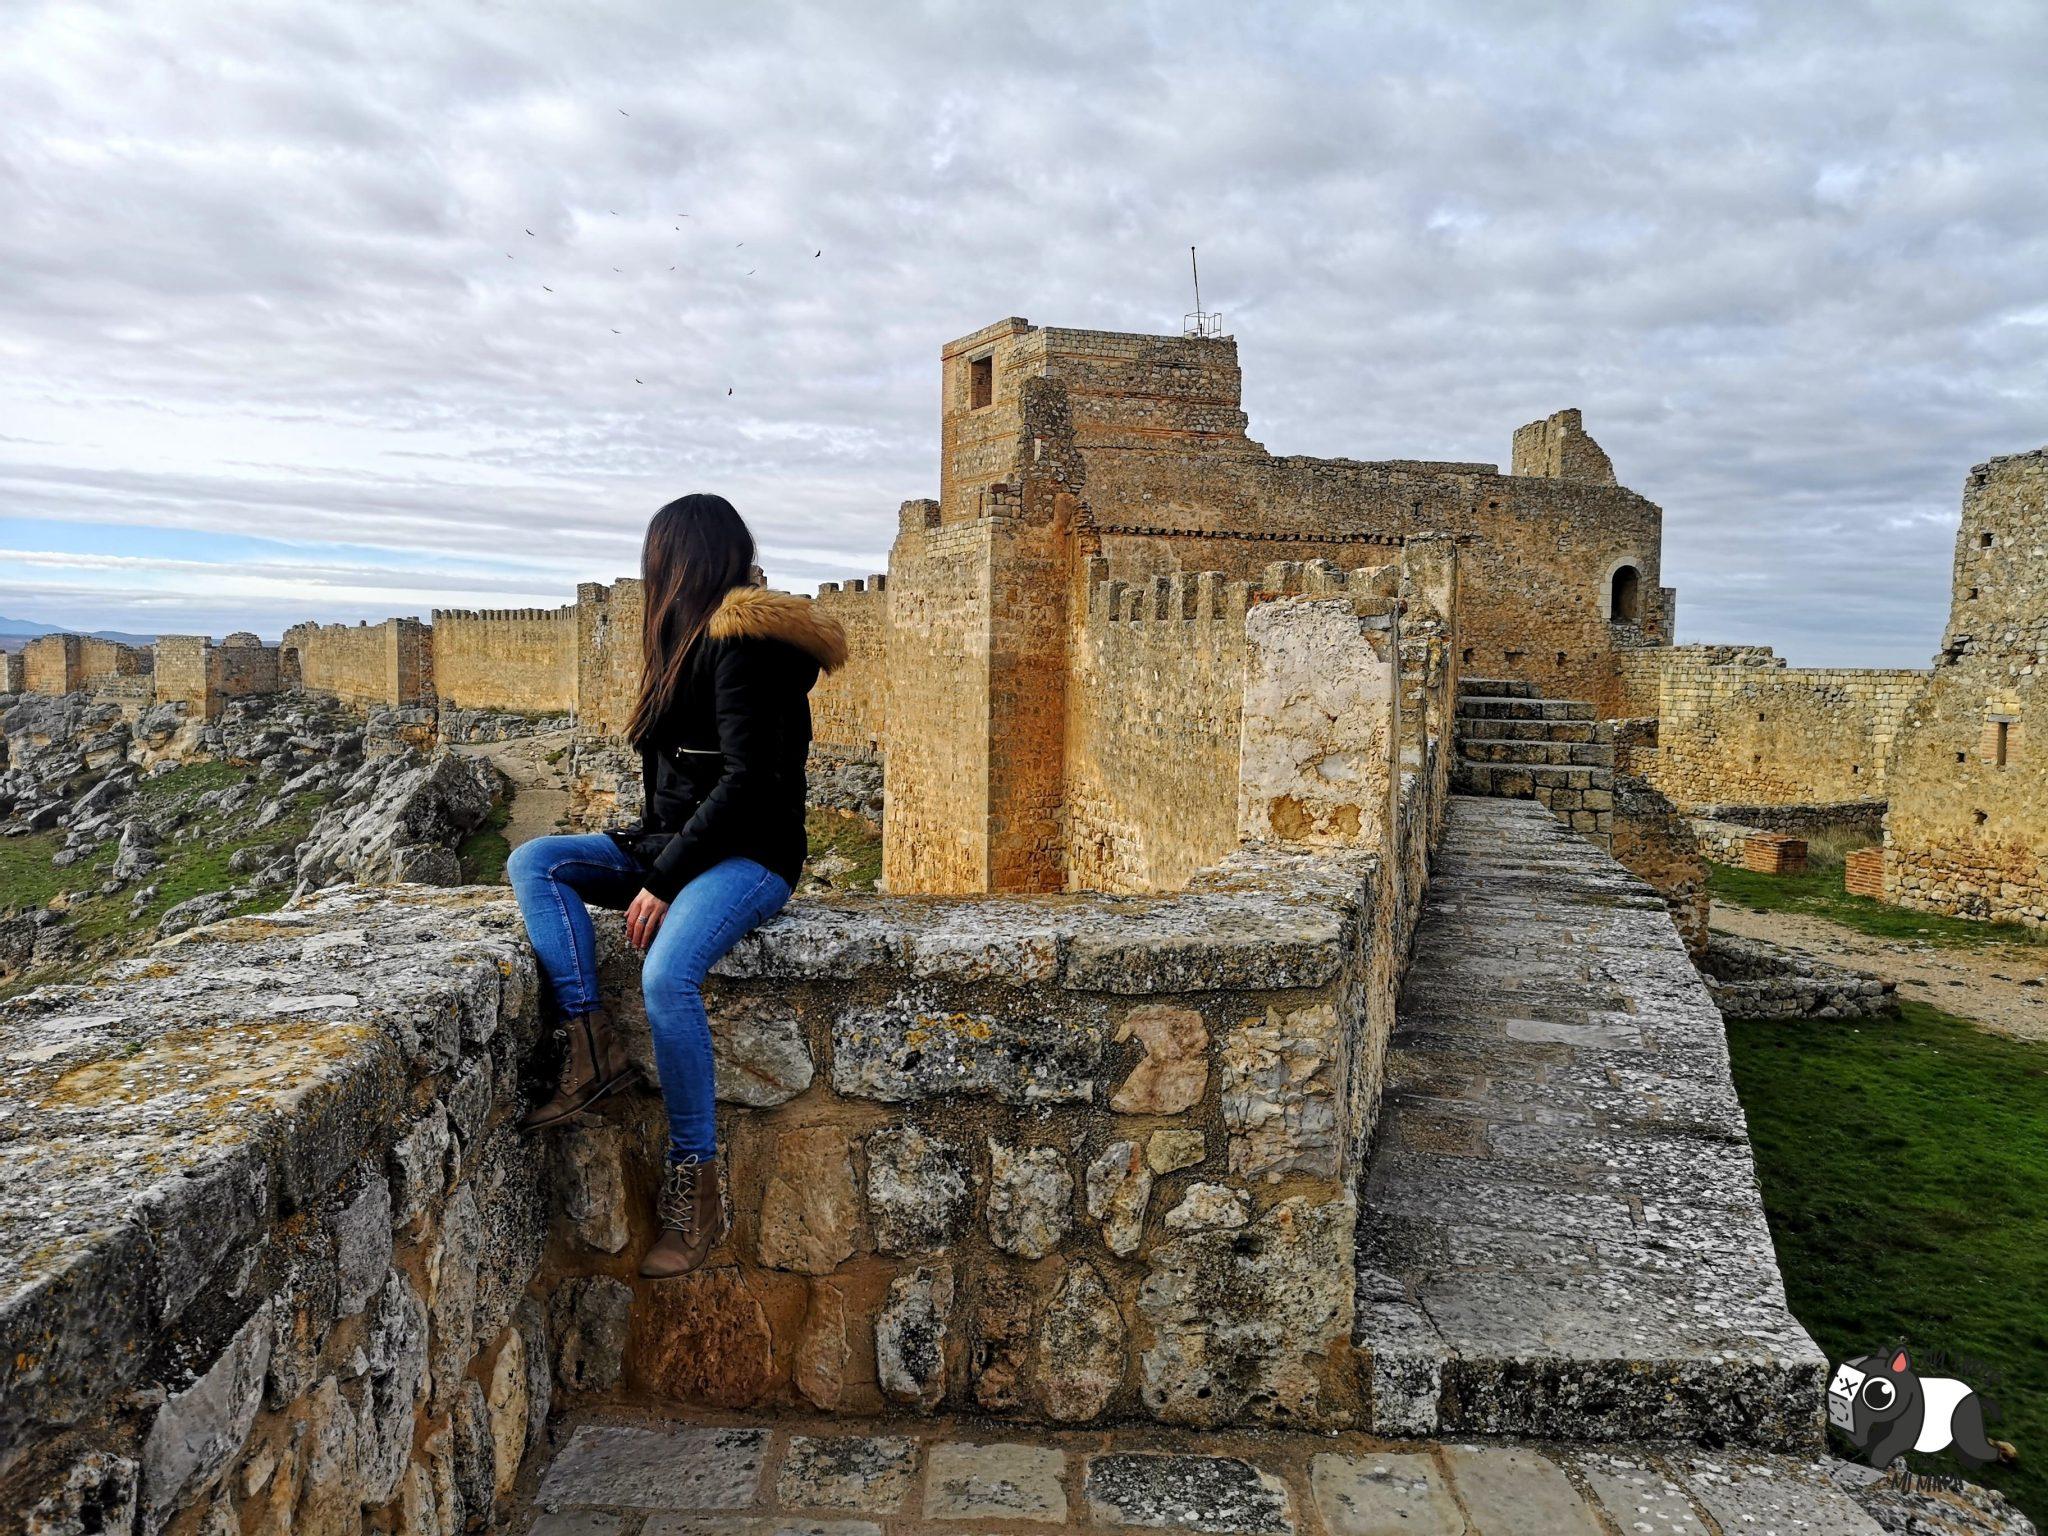 Sentada en la muralla del castillo de Gormaz, en la parte del Alcázar.